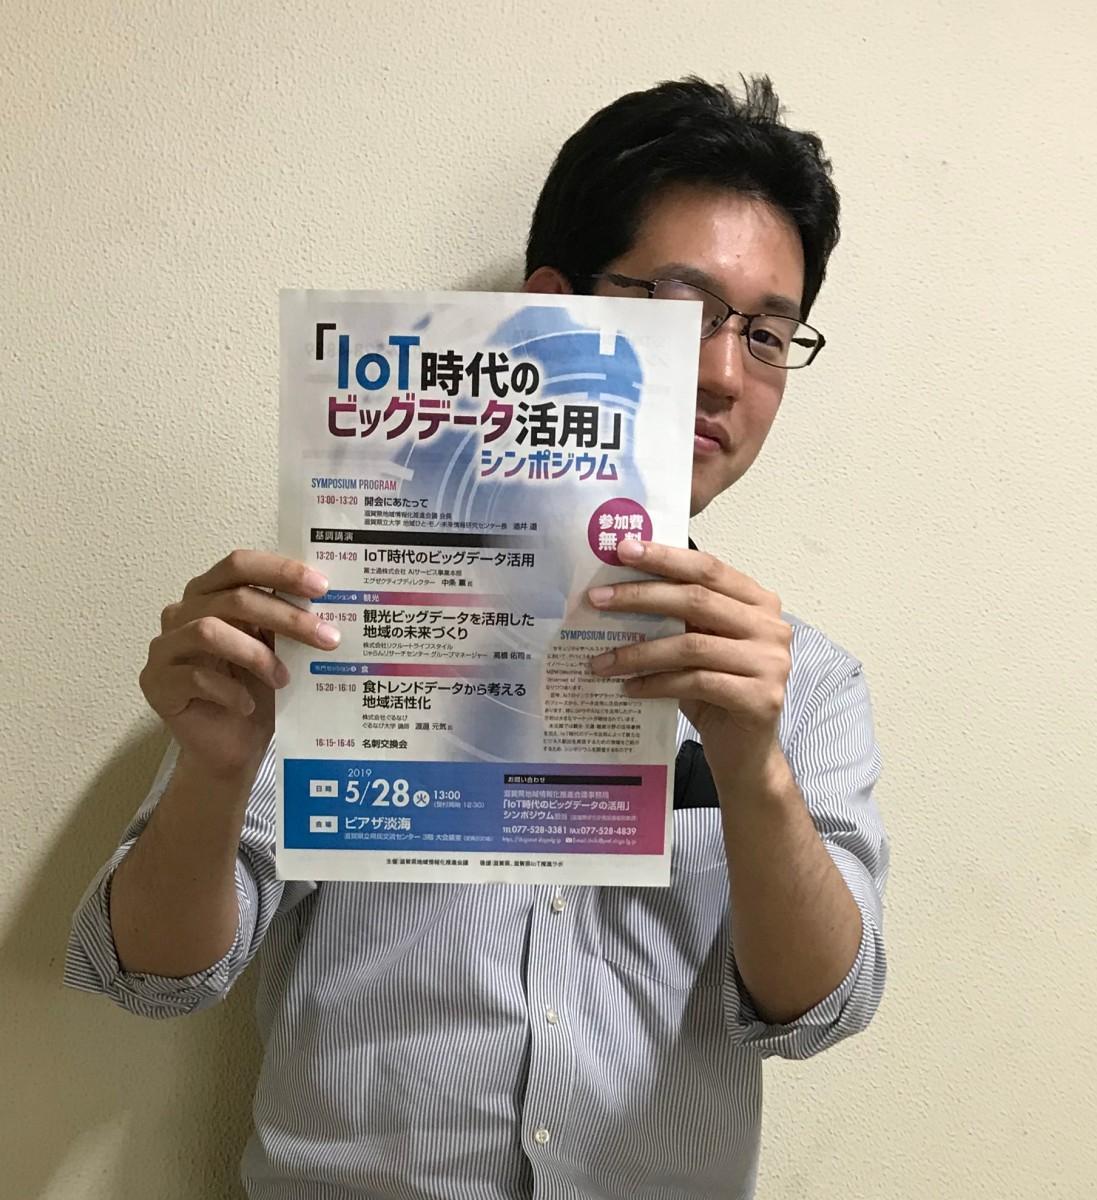 シンポジウムのチラシを持つ「滋賀県地域情報化推進会議」の担当者